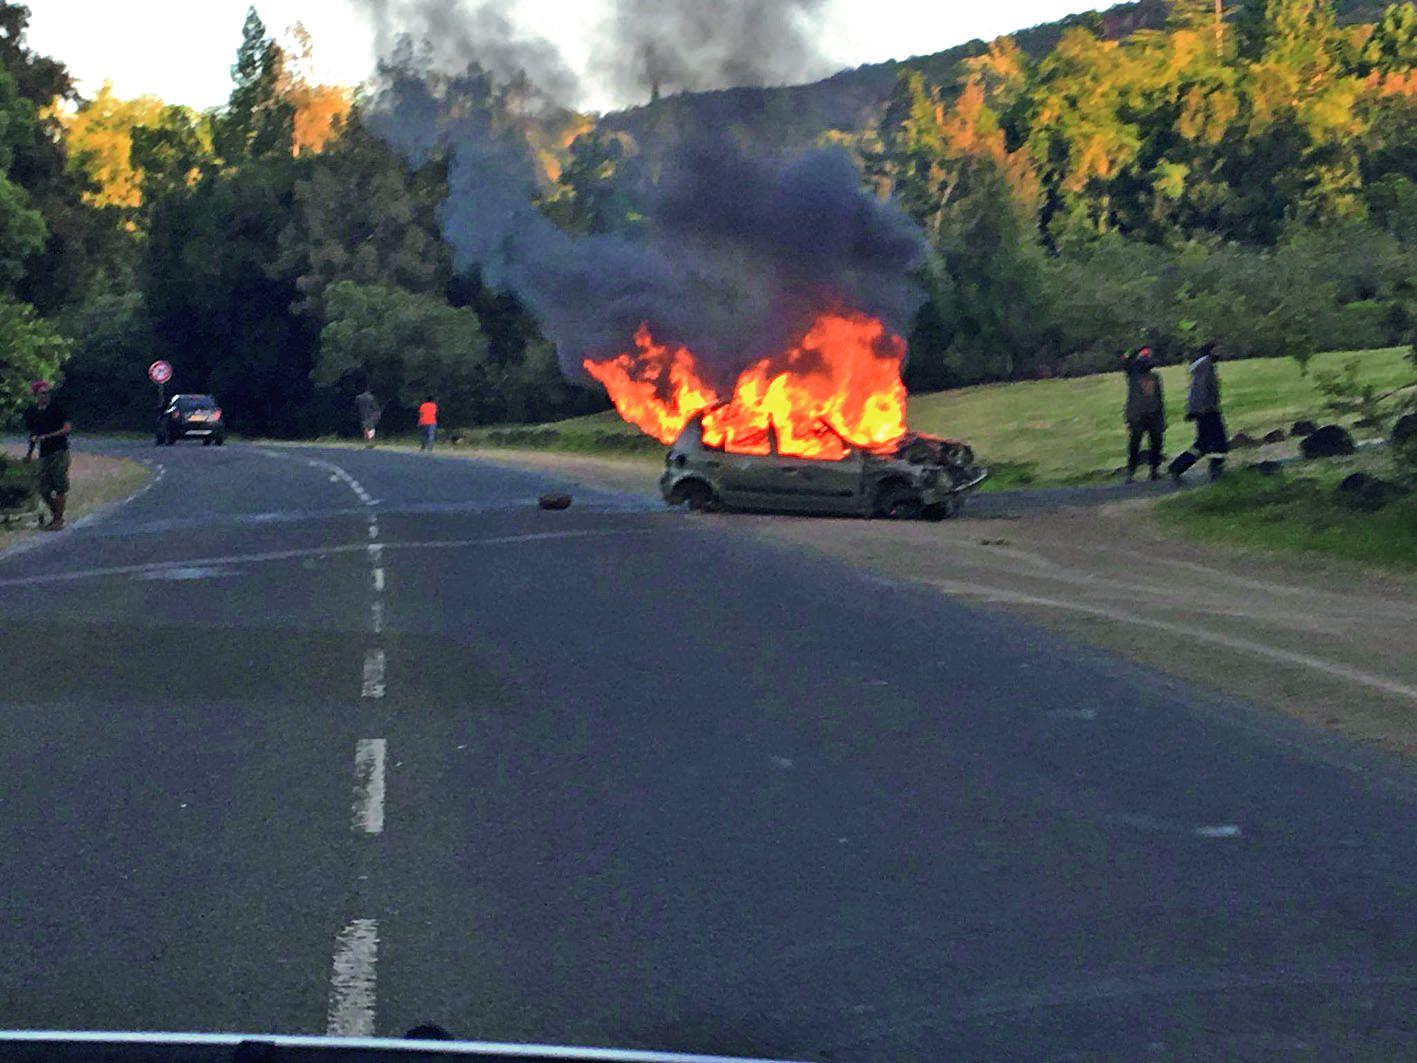 En tout début de soirée, une voiture a été incendiée non loin du Casino de La Coulée, forçant les gendarmes à fermer la route. Photo Julien Huvon